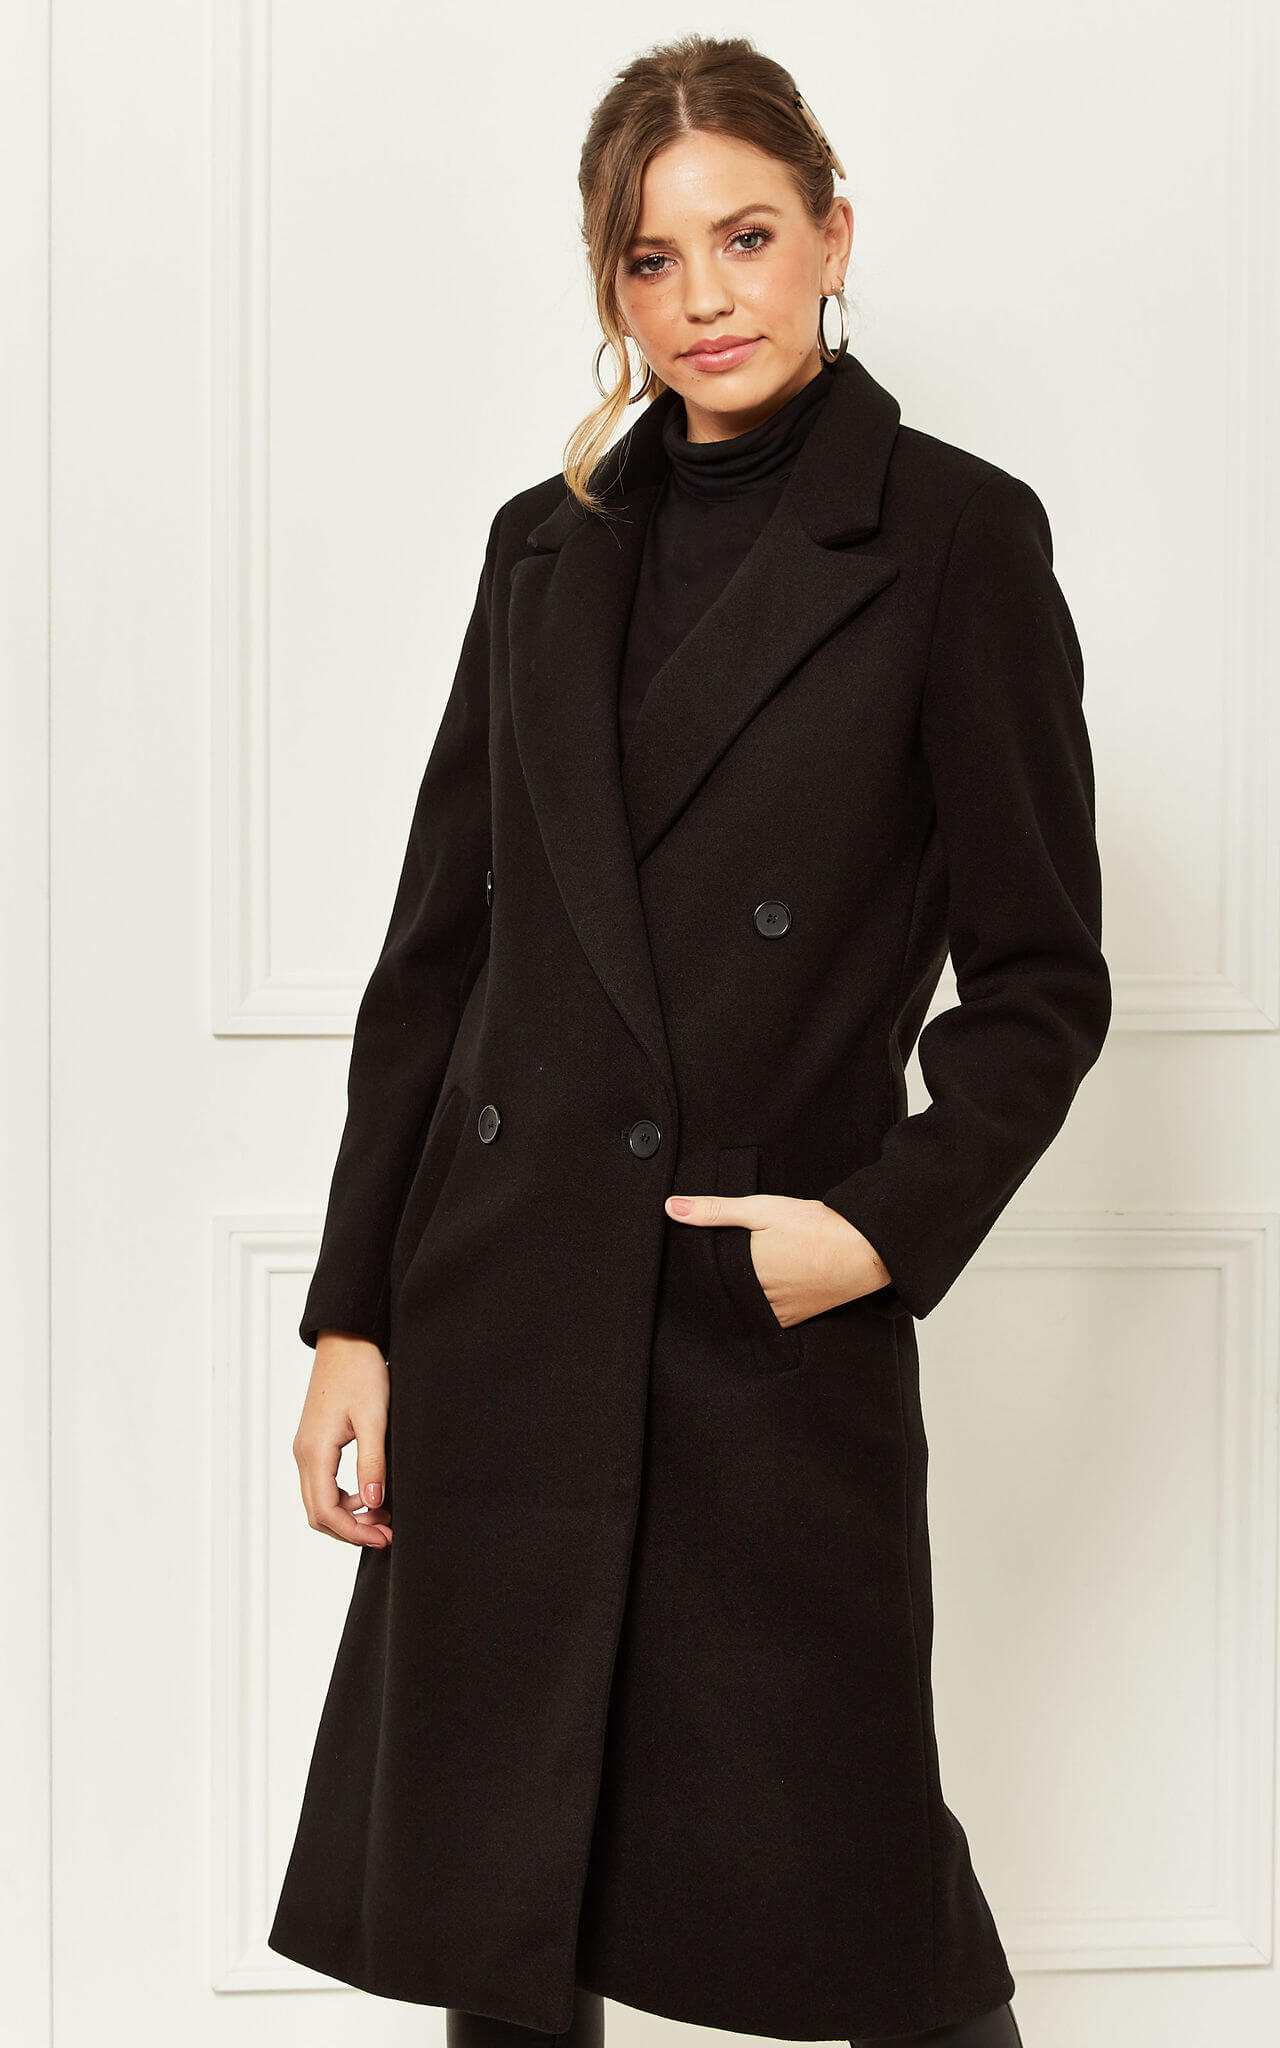 Model wears a longline black jacket